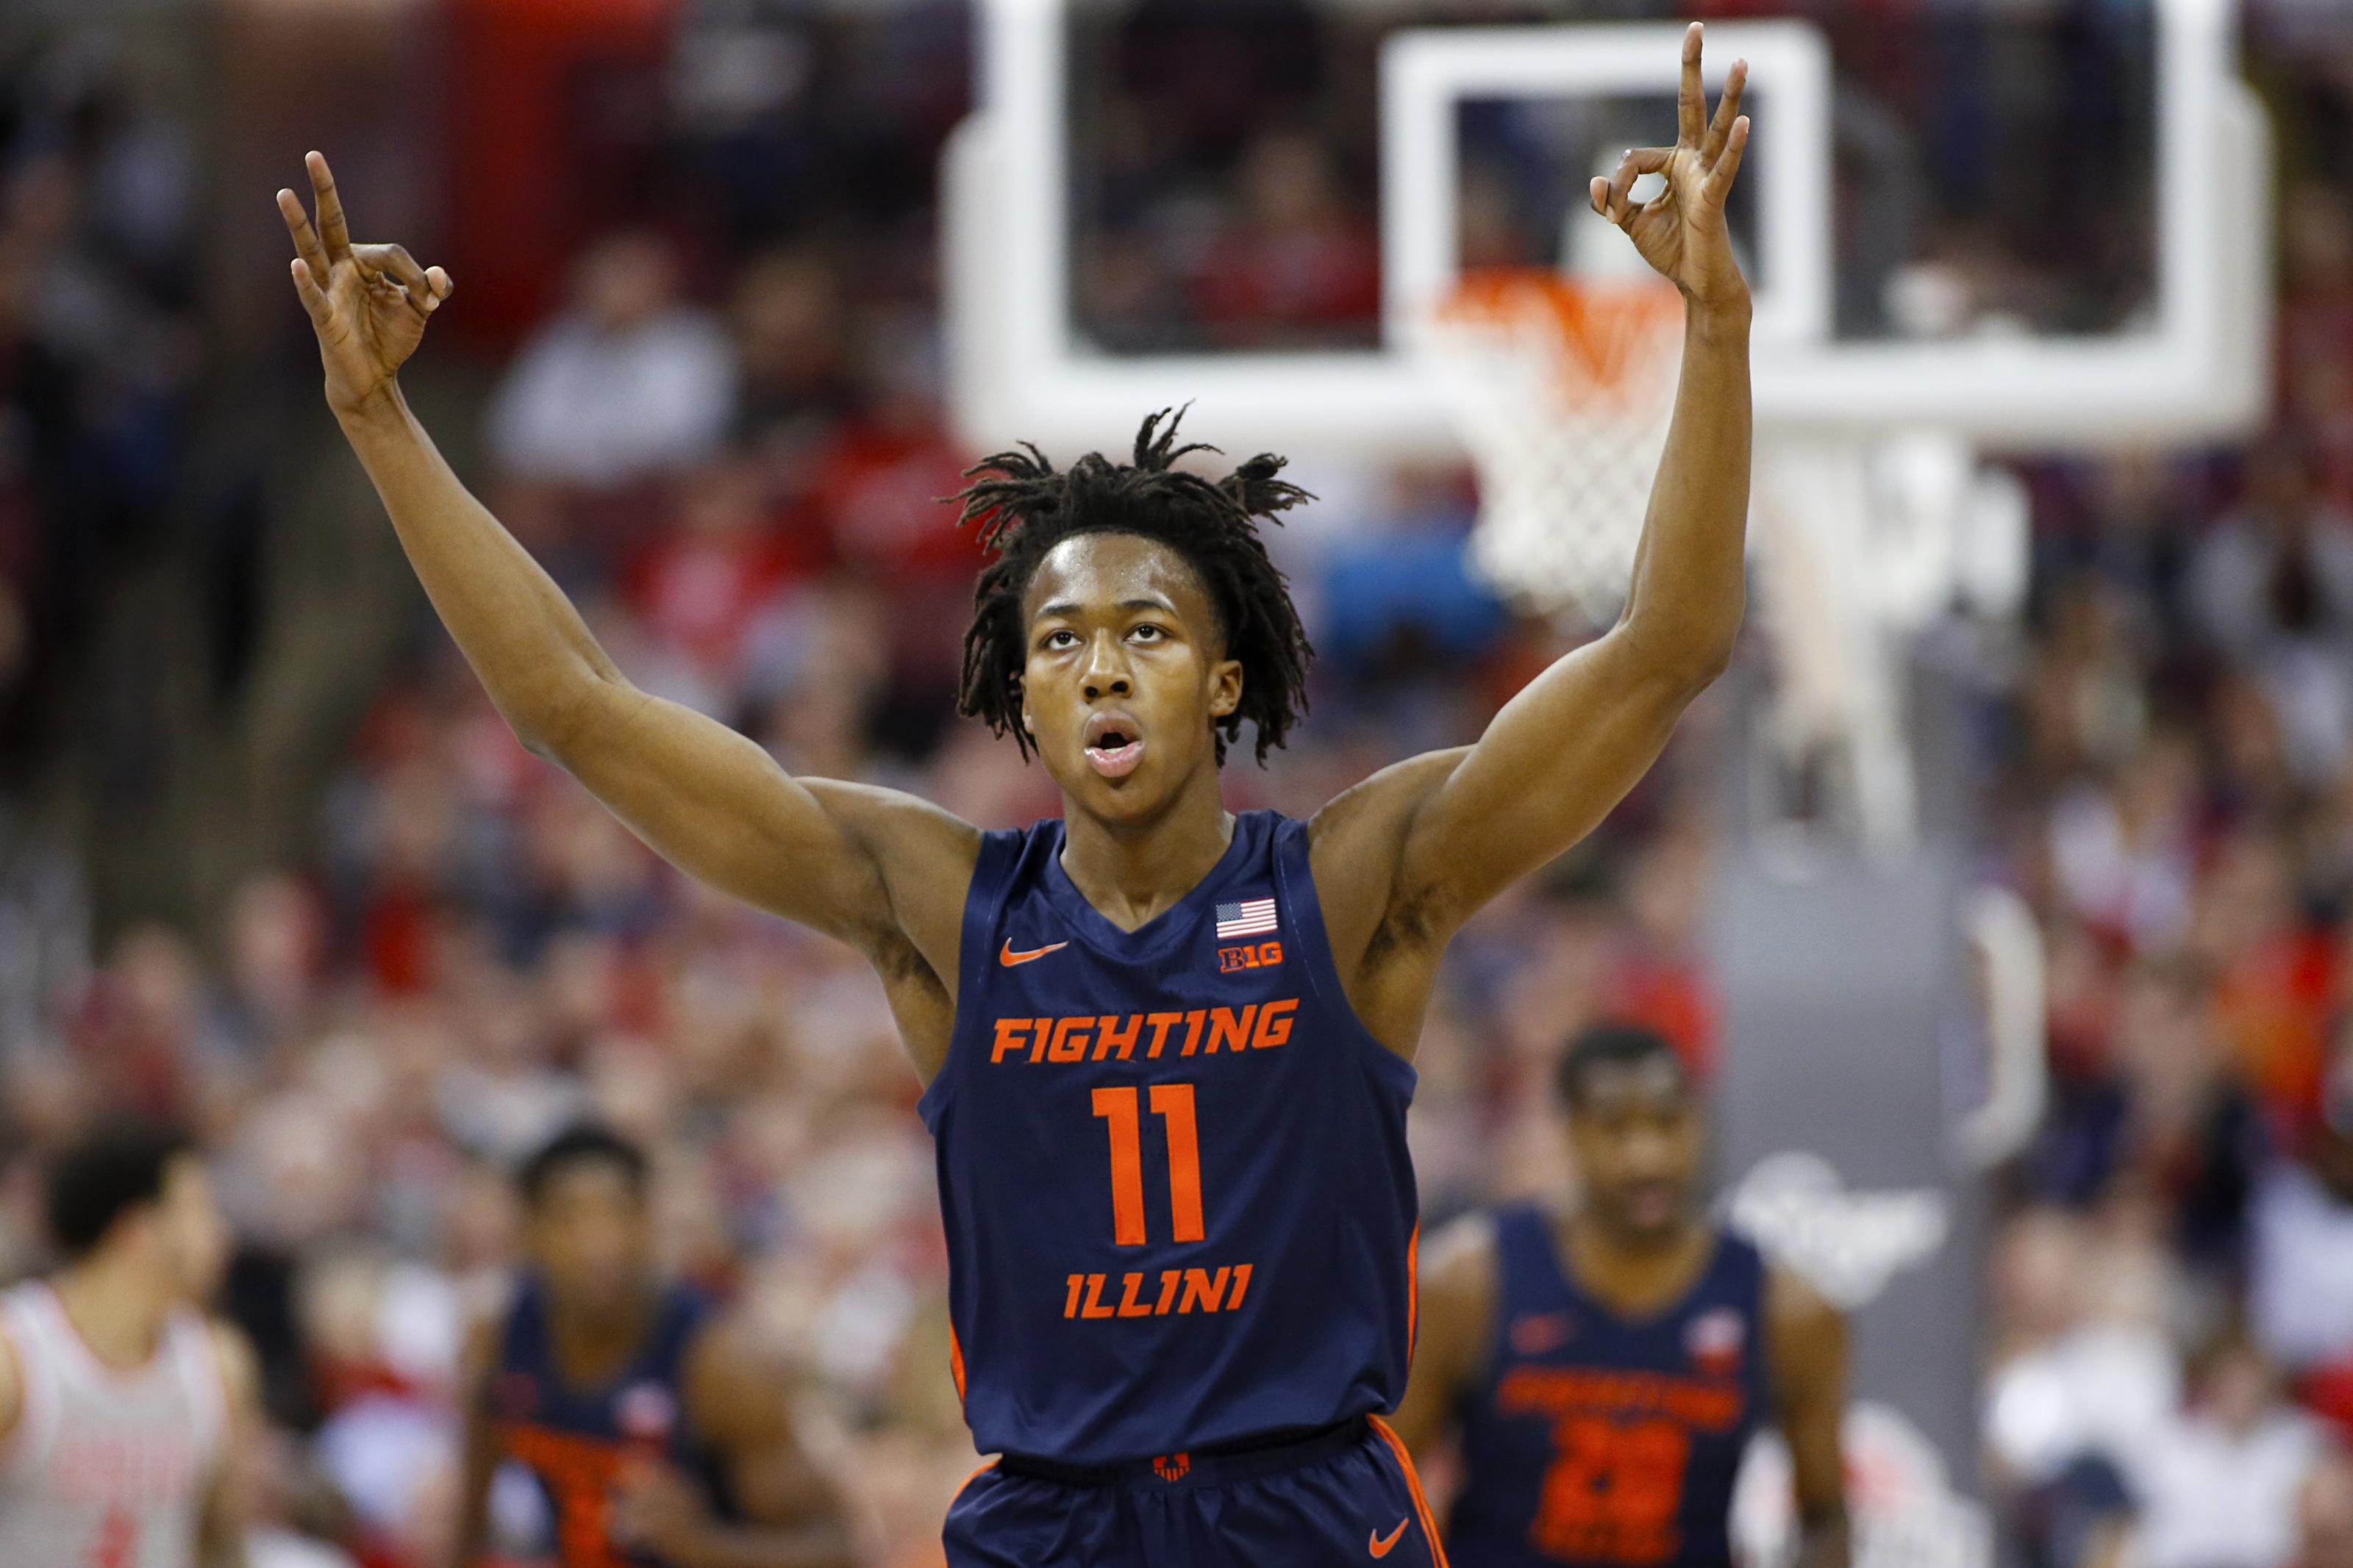 Illinois basketball: 2019-20 season wrap-up for Ayo Dosunmu